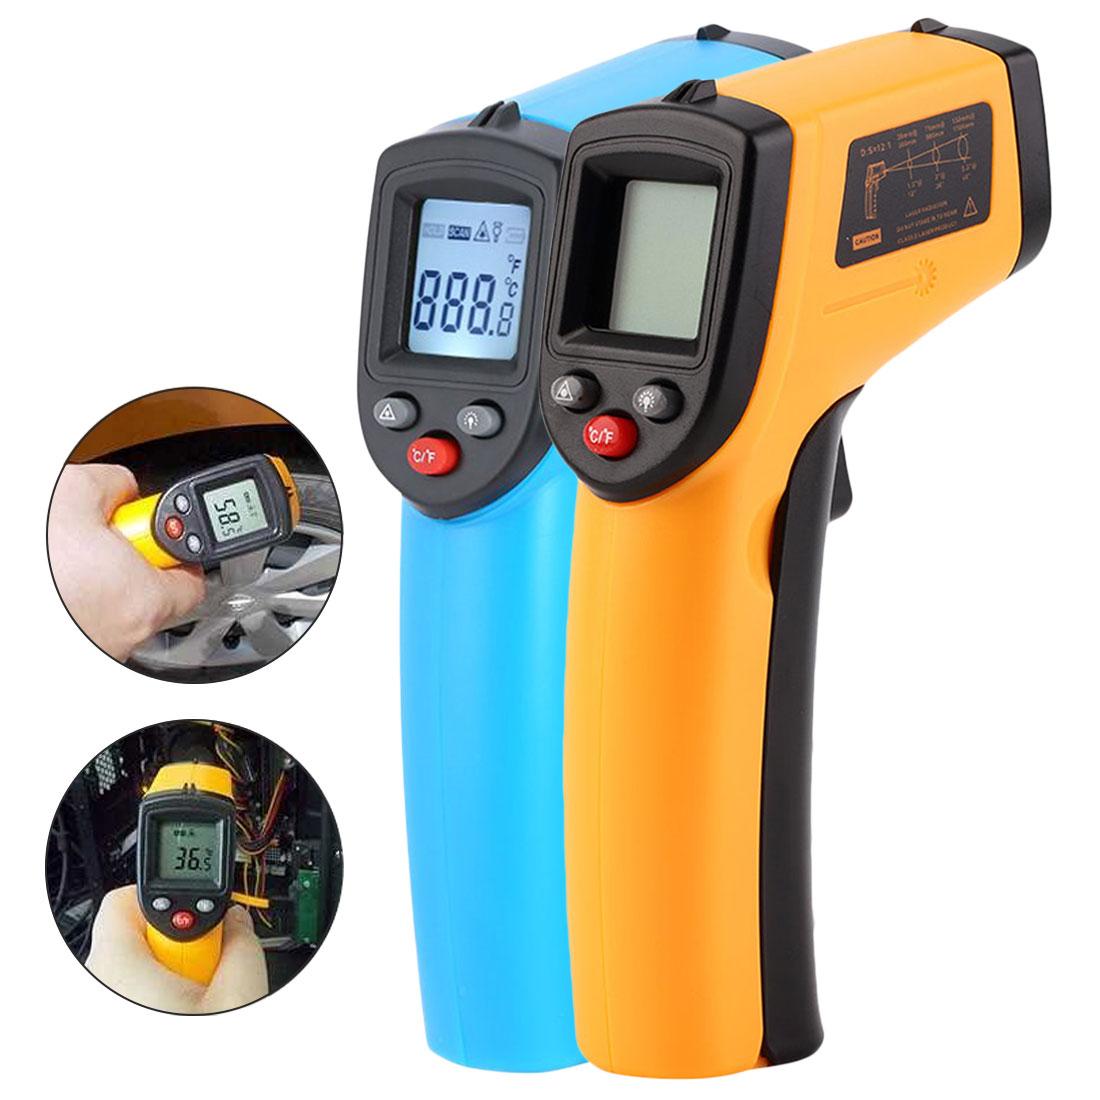 Digital gm320 termômetro infravermelho sem contato termômetro infravermelho pirometer ir laser medidor de temperatura arma-50 3380c